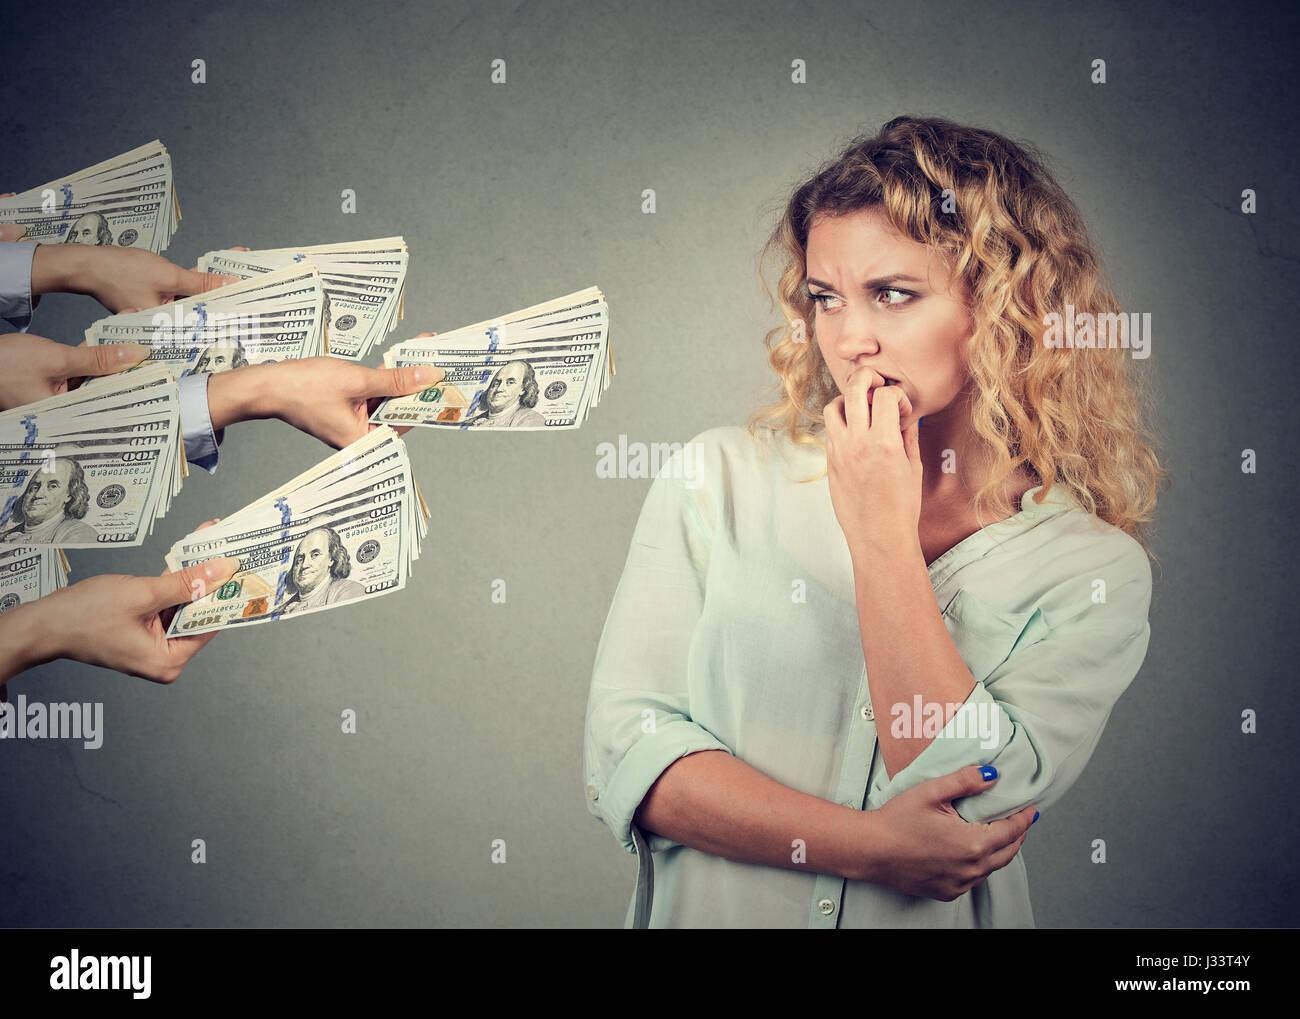 Mujer renuentes a aceptar el soborno de personas Imagen De Stock